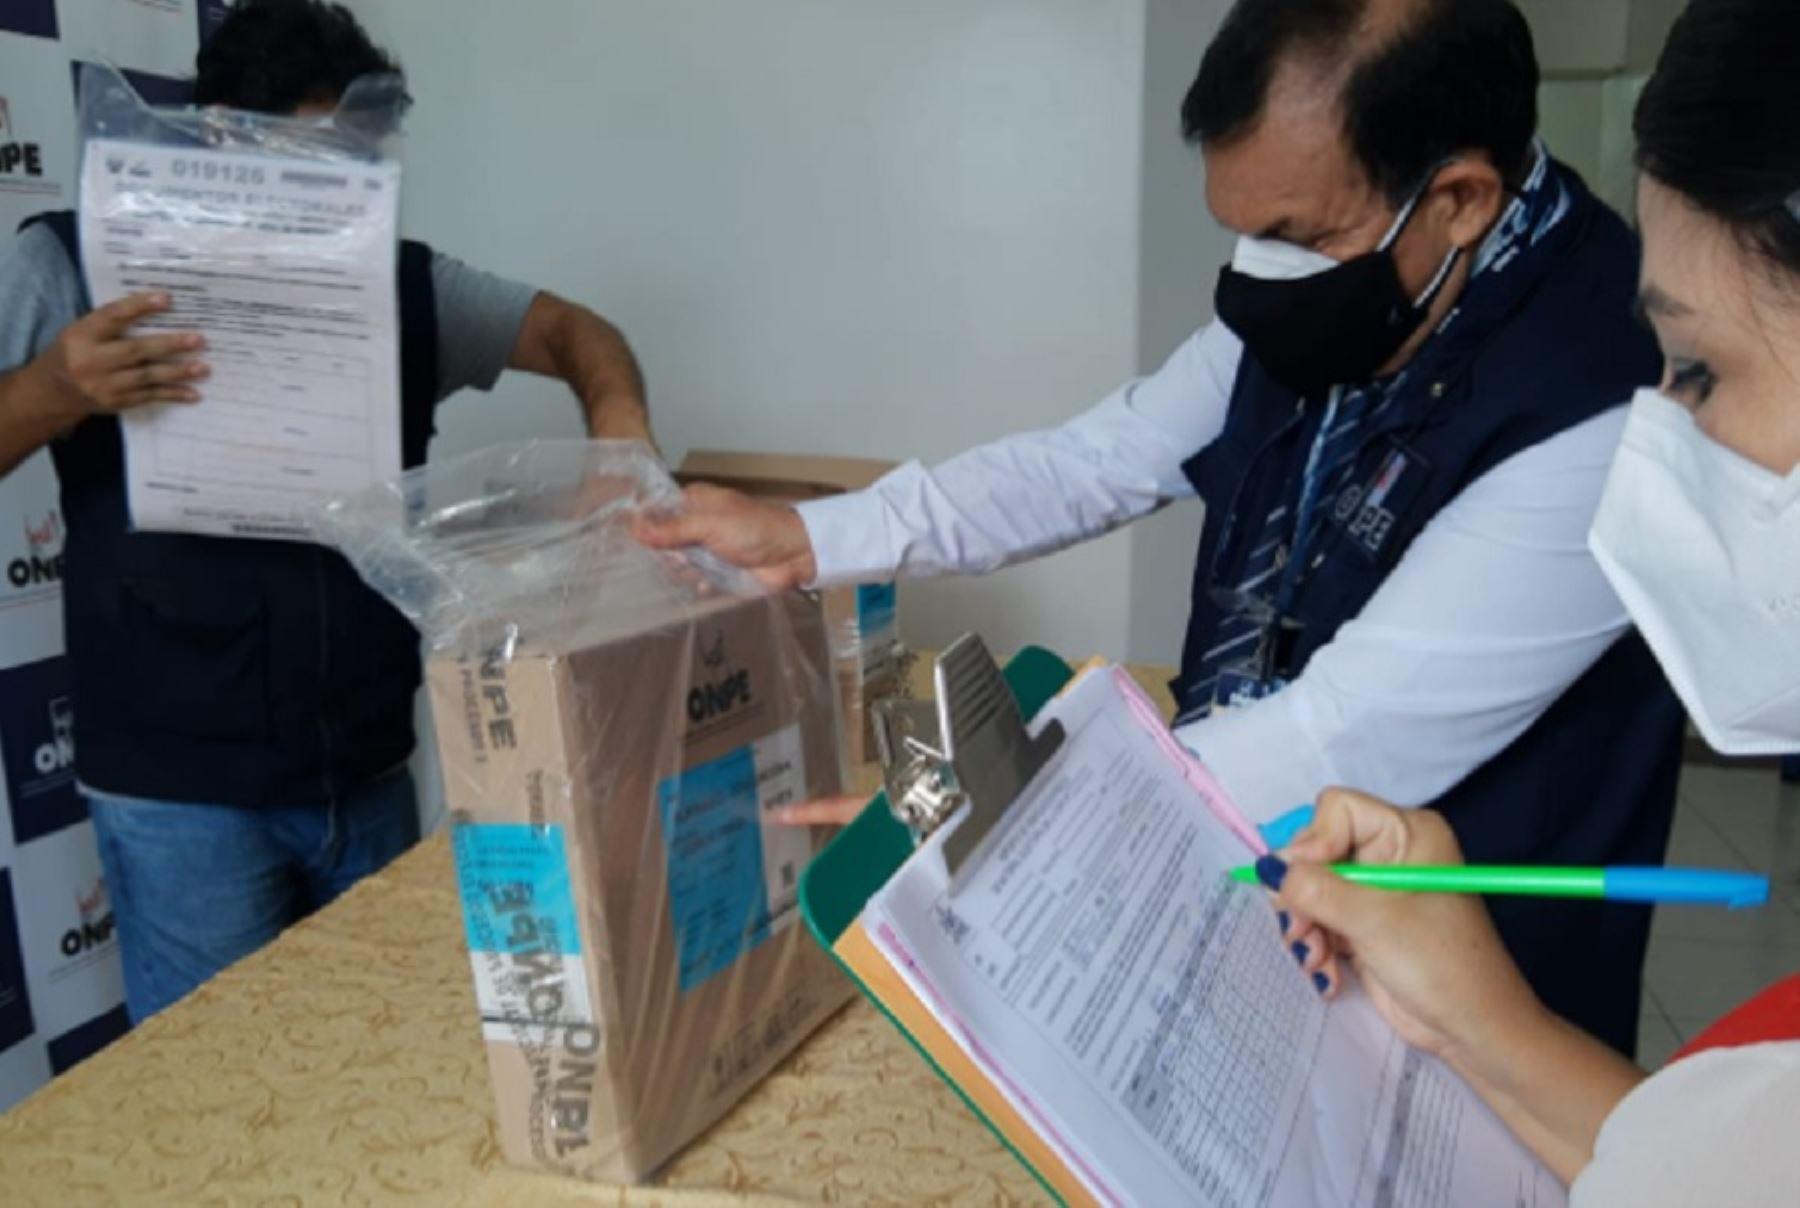 La Oficina Descentralizada de Procesos Electorales (ODPE) Leoncio Prado y el Jurado Electoral Especial (JEE) de Leoncio Prado verificaron el material electoral que se utilizará en las mesas de sufragio de esta jurisdicción, con motivo del desarrollo de las Elecciones Generales 2021.